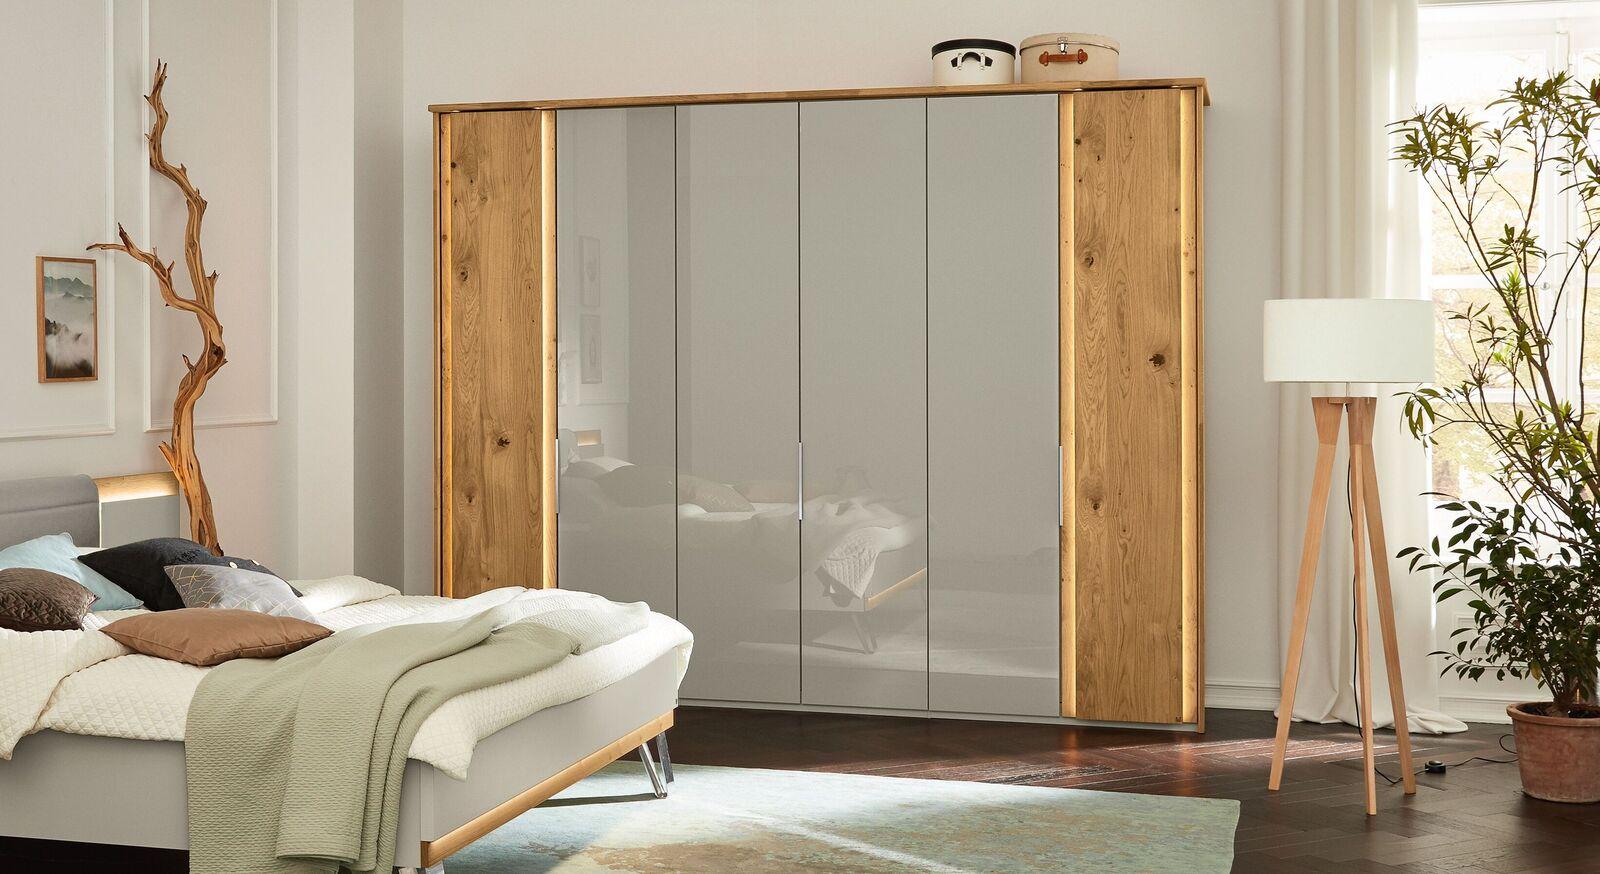 MUSTERRING Drehtüren-Kleiderschrank Saphira Mix aus kieselgrauer- und Holzfront